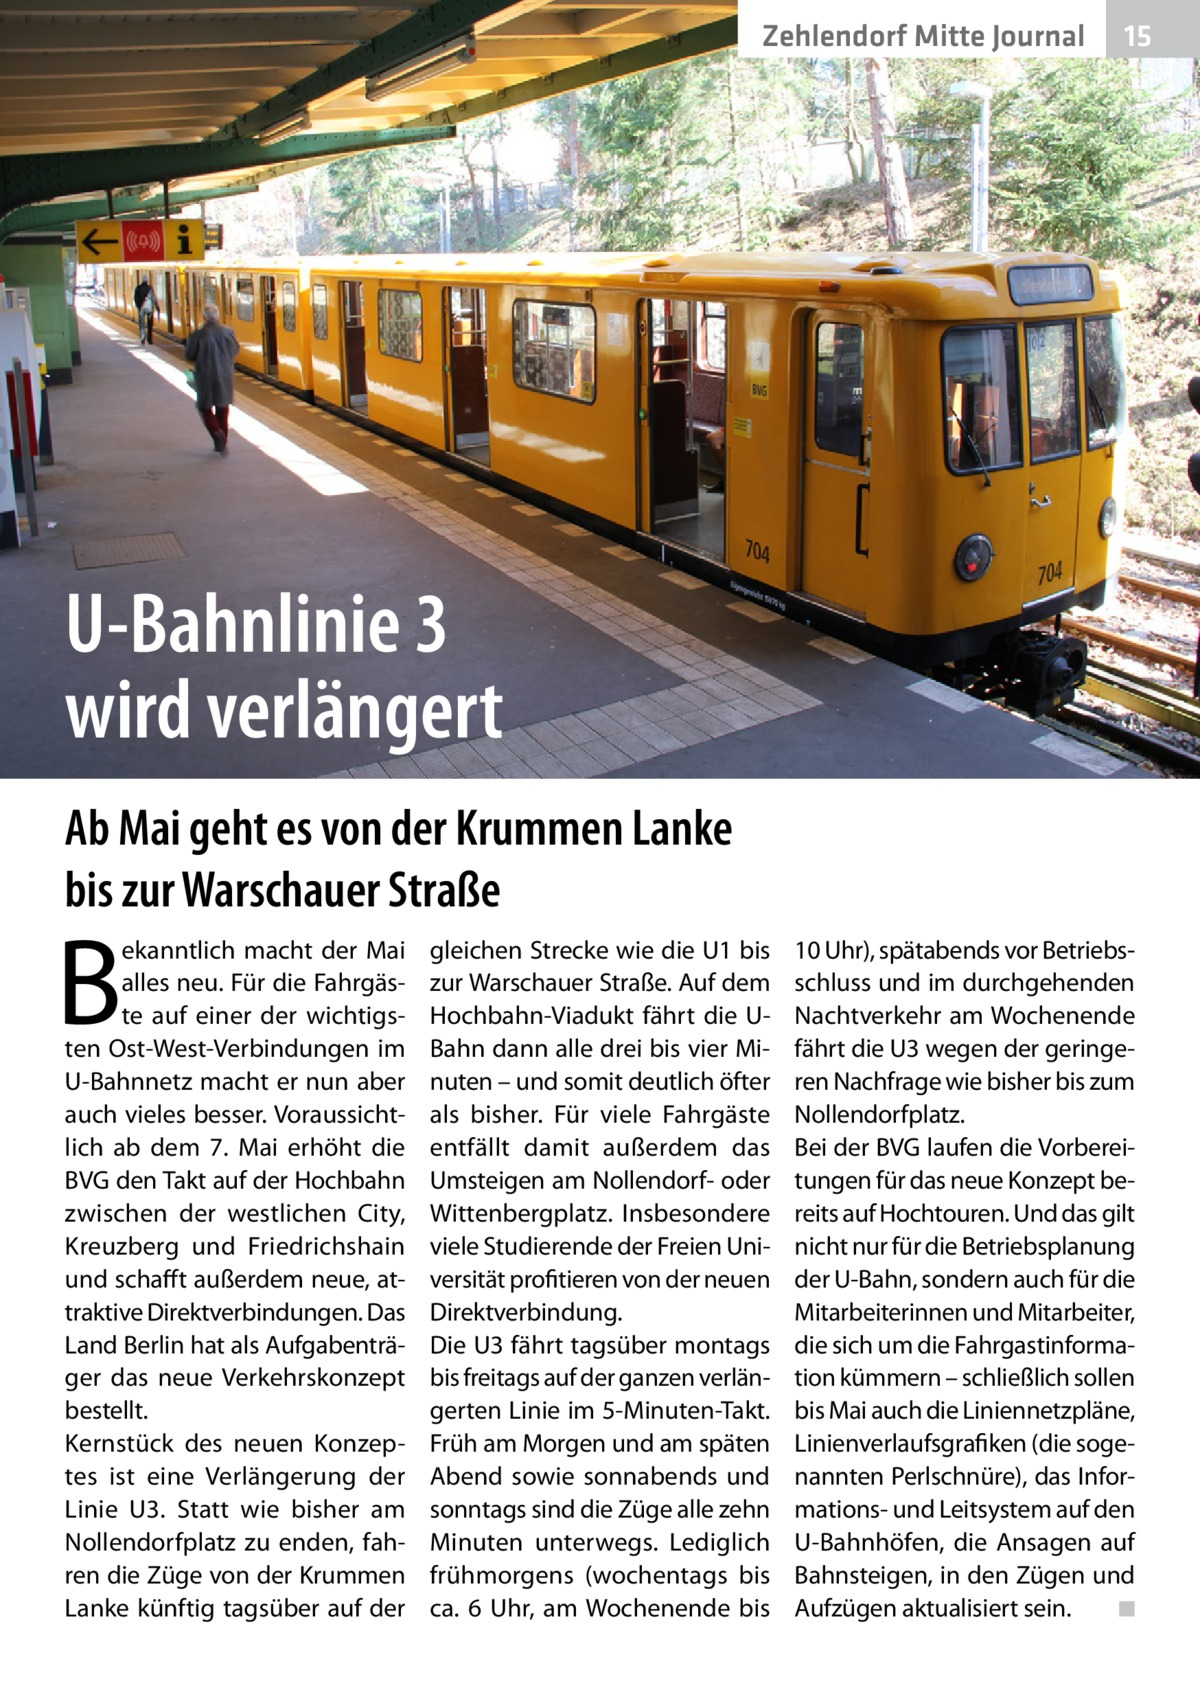 Zehlendorf Mitte Journal  15  U-Bahnlinie 3 wird verlängert Ab Mai geht es von der Krummen Lanke bis zur Warschauer Straße  B  ekanntlich macht der Mai alles neu. Für die Fahrgäste auf einer der wichtigsten Ost-West-Verbindungen im U-Bahnnetz macht er nun aber auch vieles besser. Voraussichtlich ab dem 7. Mai erhöht die BVG den Takt auf der Hochbahn zwischen der westlichen City, Kreuzberg und Friedrichshain und schafft außerdem neue, attraktive Direktverbindungen. Das Land Berlin hat als Aufgabenträger das neue Verkehrskonzept bestellt. Kernstück des neuen Konzeptes ist eine Verlängerung der Linie U3. Statt wie bisher am Nollendorfplatz zu enden, fahren die Züge von der Krummen Lanke künftig tagsüber auf der  gleichen Strecke wie die U1 bis zur Warschauer Straße. Auf dem Hochbahn-Viadukt fährt die UBahn dann alle drei bis vier Minuten – und somit deutlich öfter als bisher. Für viele Fahrgäste entfällt damit außerdem das Umsteigen am Nollendorf- oder Wittenbergplatz. Insbesondere viele Studierende der Freien Universität profitieren von der neuen Direktverbindung. Die U3 fährt tagsüber montags bis freitags auf der ganzen verlängerten Linie im 5-Minuten-Takt. Früh am Morgen und am späten Abend sowie sonnabends und sonntags sind die Züge alle zehn Minuten unterwegs. Lediglich frühmorgens (wochentags bis ca. 6 Uhr, am Wochenende bis  10Uhr), spätabends vor Betriebsschluss und im durchgehenden Nachtverkehr am Wochenende fährt die U3 wegen der geringeren Nachfrage wie bisher bis zum Nollendorfplatz. Bei der BVG laufen die Vorbereitungen für das neue Konzept bereits auf Hochtouren. Und das gilt nicht nur für die Betriebsplanung der U-Bahn, sondern auch für die Mitarbeiterinnen und Mitarbeiter, die sich um die Fahrgastinformation kümmern – schließlich sollen bis Mai auch die Liniennetzpläne, Linienverlaufsgrafiken (die sogenannten Perlschnüre), das Informations- und Leitsystem auf den U-Bahnhöfen, die Ansagen auf Bahnsteigen, in den Zügen und Aufzügen aktualisiert sein. � ◾